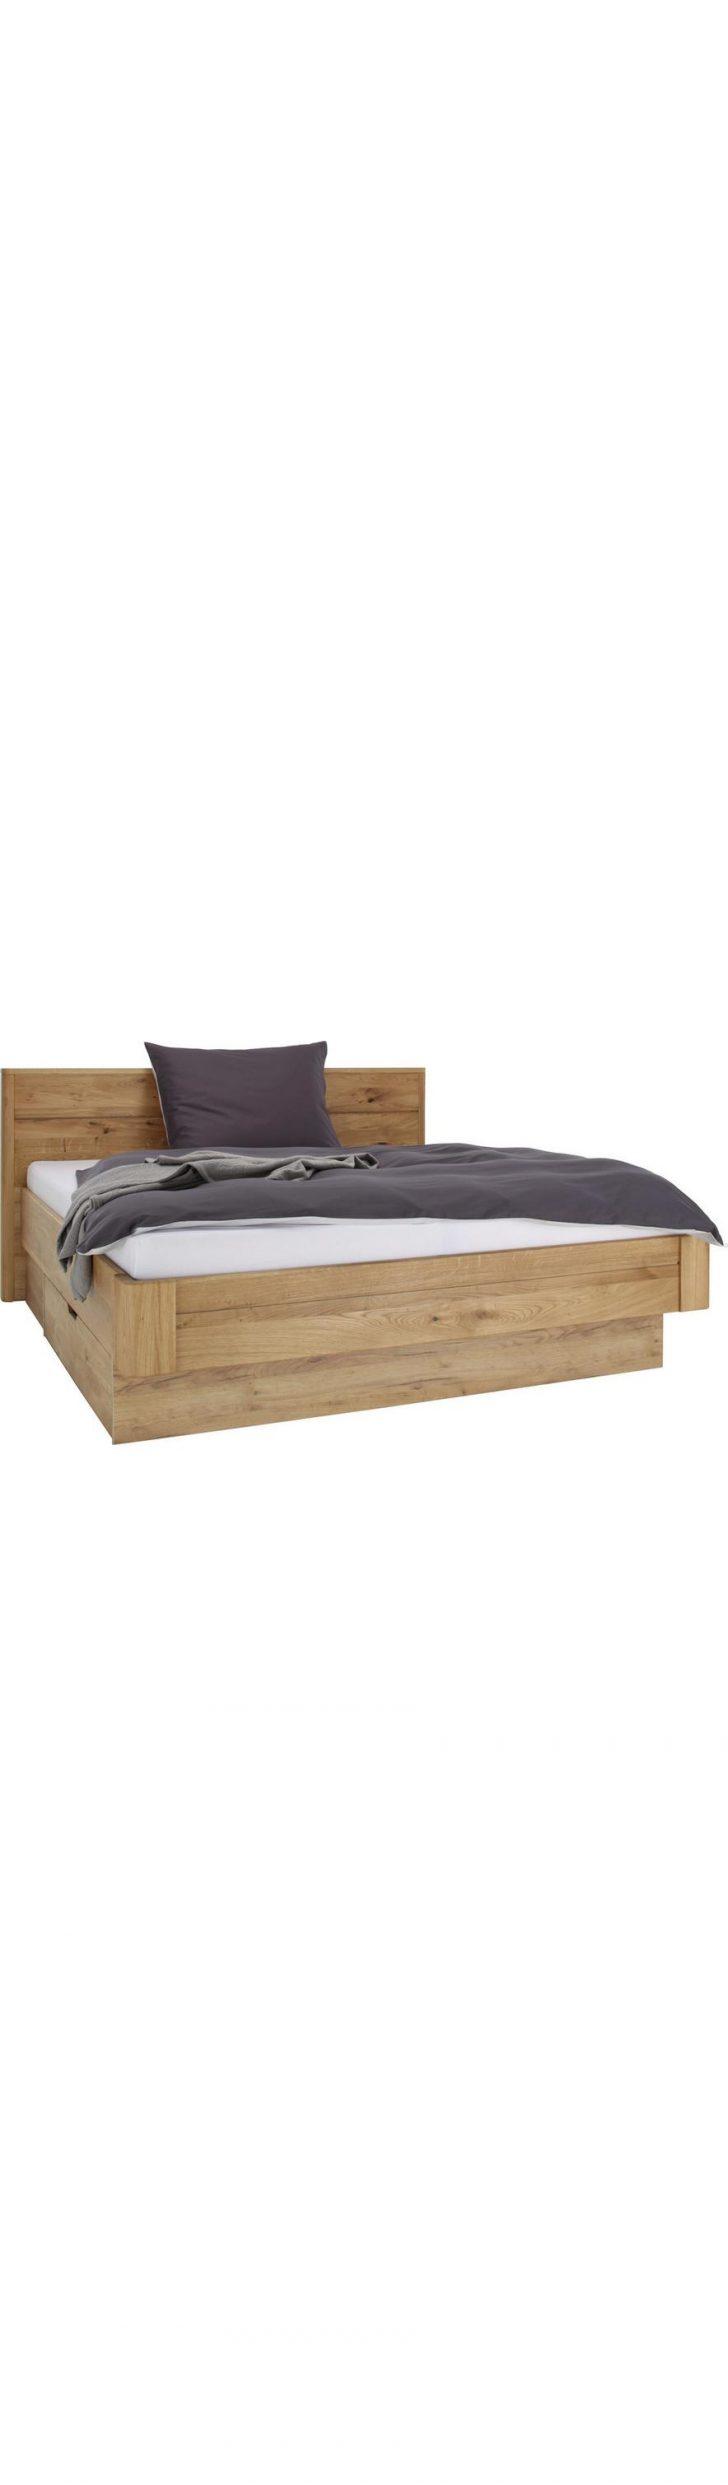 Medium Size of Wasser Bett Bettkasten 140x200 Günstig Ausstellungsstück Betten Kaufen Kingsize Jugendzimmer Konfigurieren Bambus Holz Esstisch 120x200 Aus Hamburg Barock Bett Bett Holz